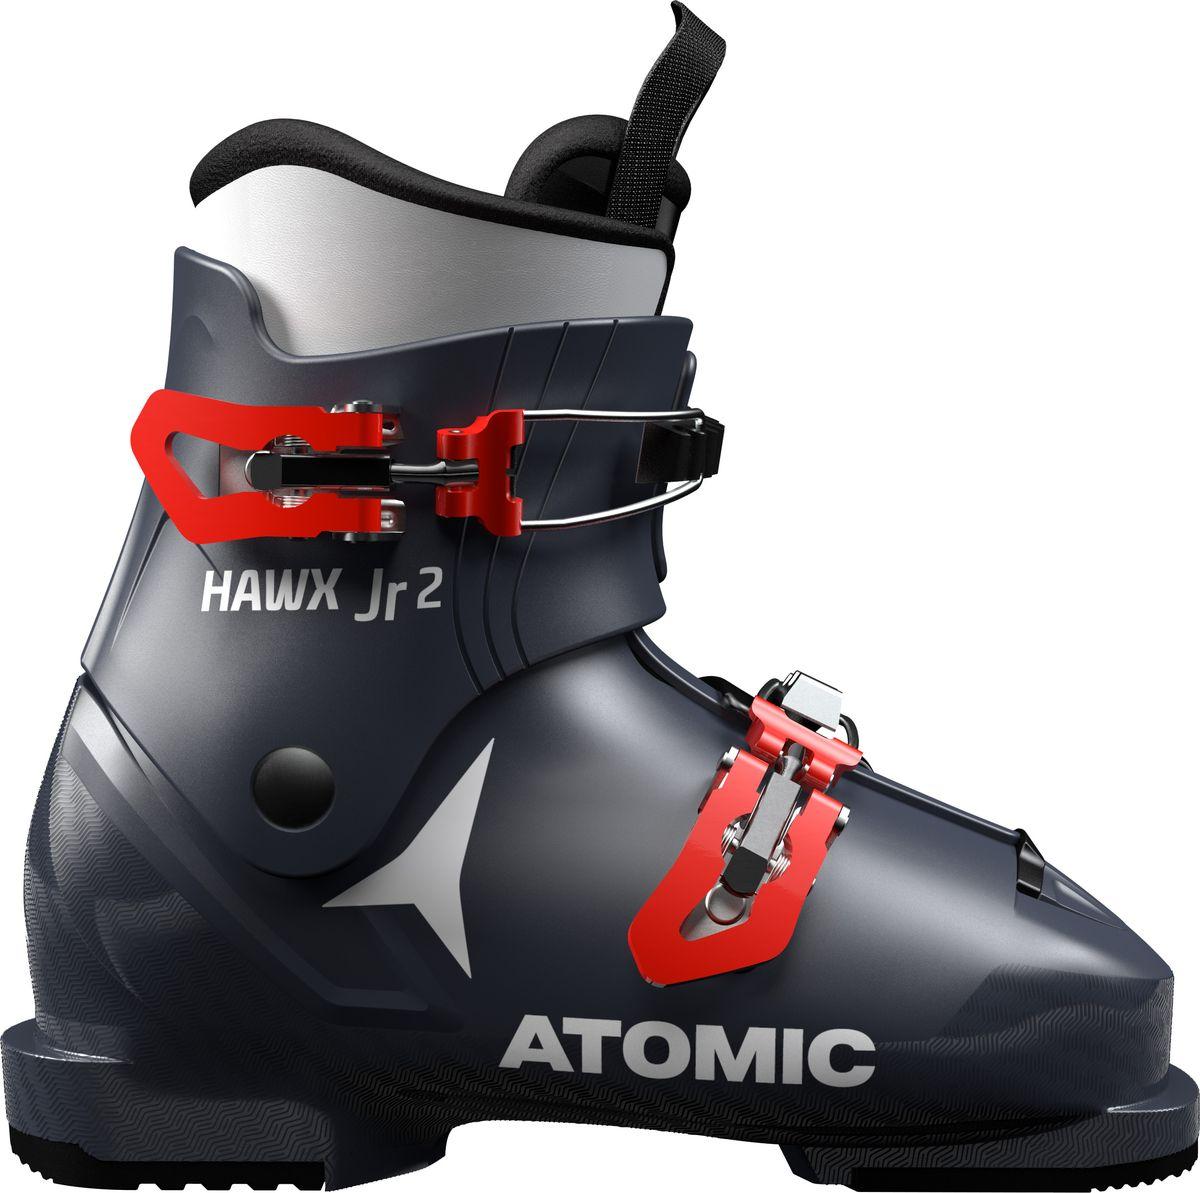 Ботинки горнолыжные Atomic Hawx Jr 4, цвет: темно-синий, зеленый. Размер 39/40 горнолыжные ботинки atomic atomic hawx magna 110